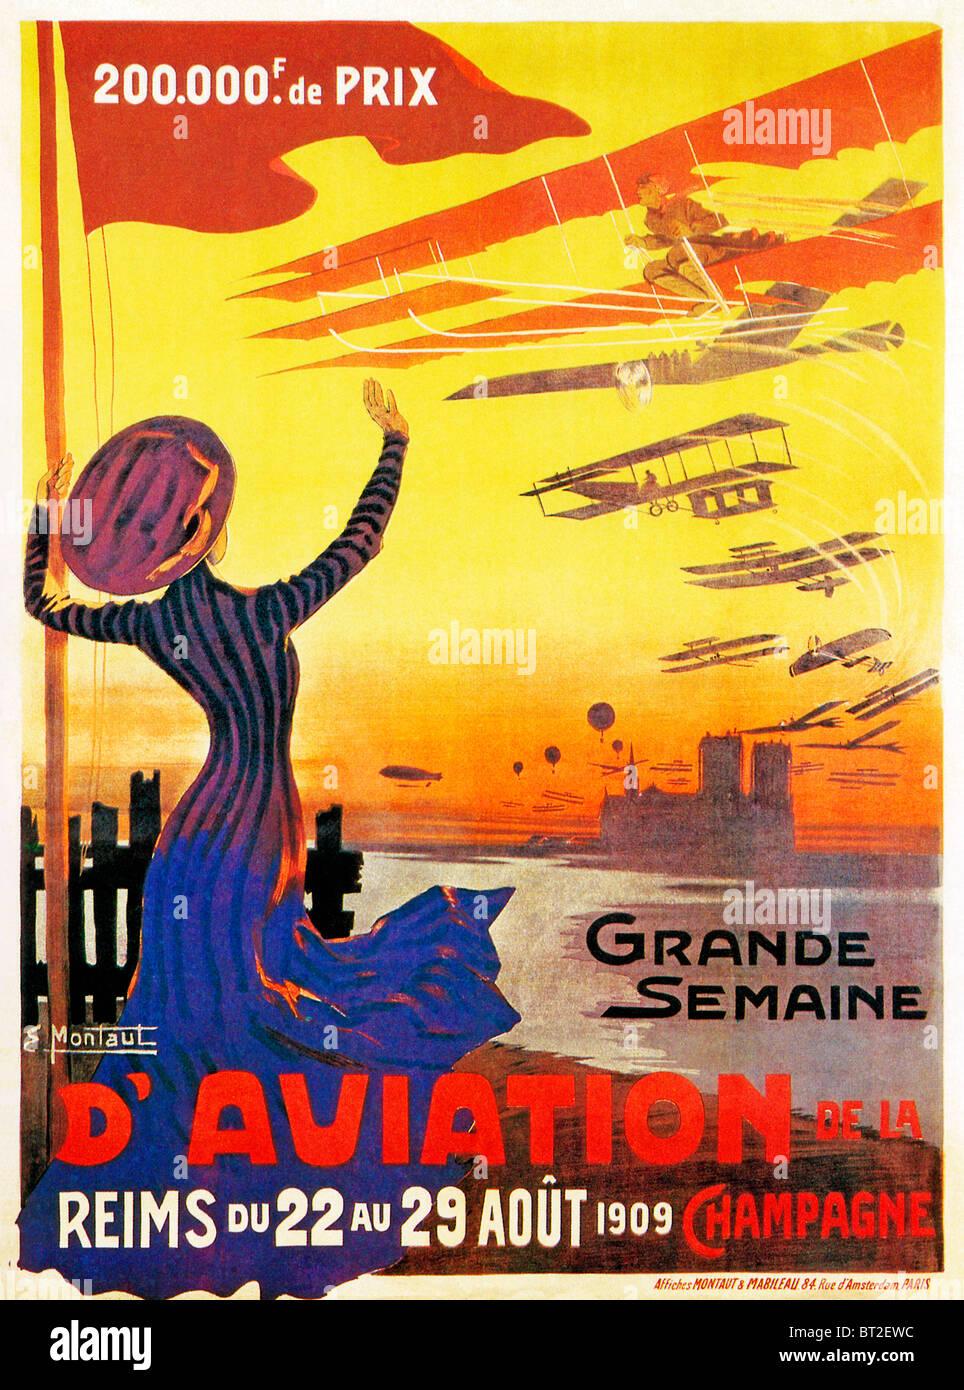 Grande Semaine dAviation, Reims, 1909 poster per le gare di aria nella regione di Champagne di Francia Immagini Stock